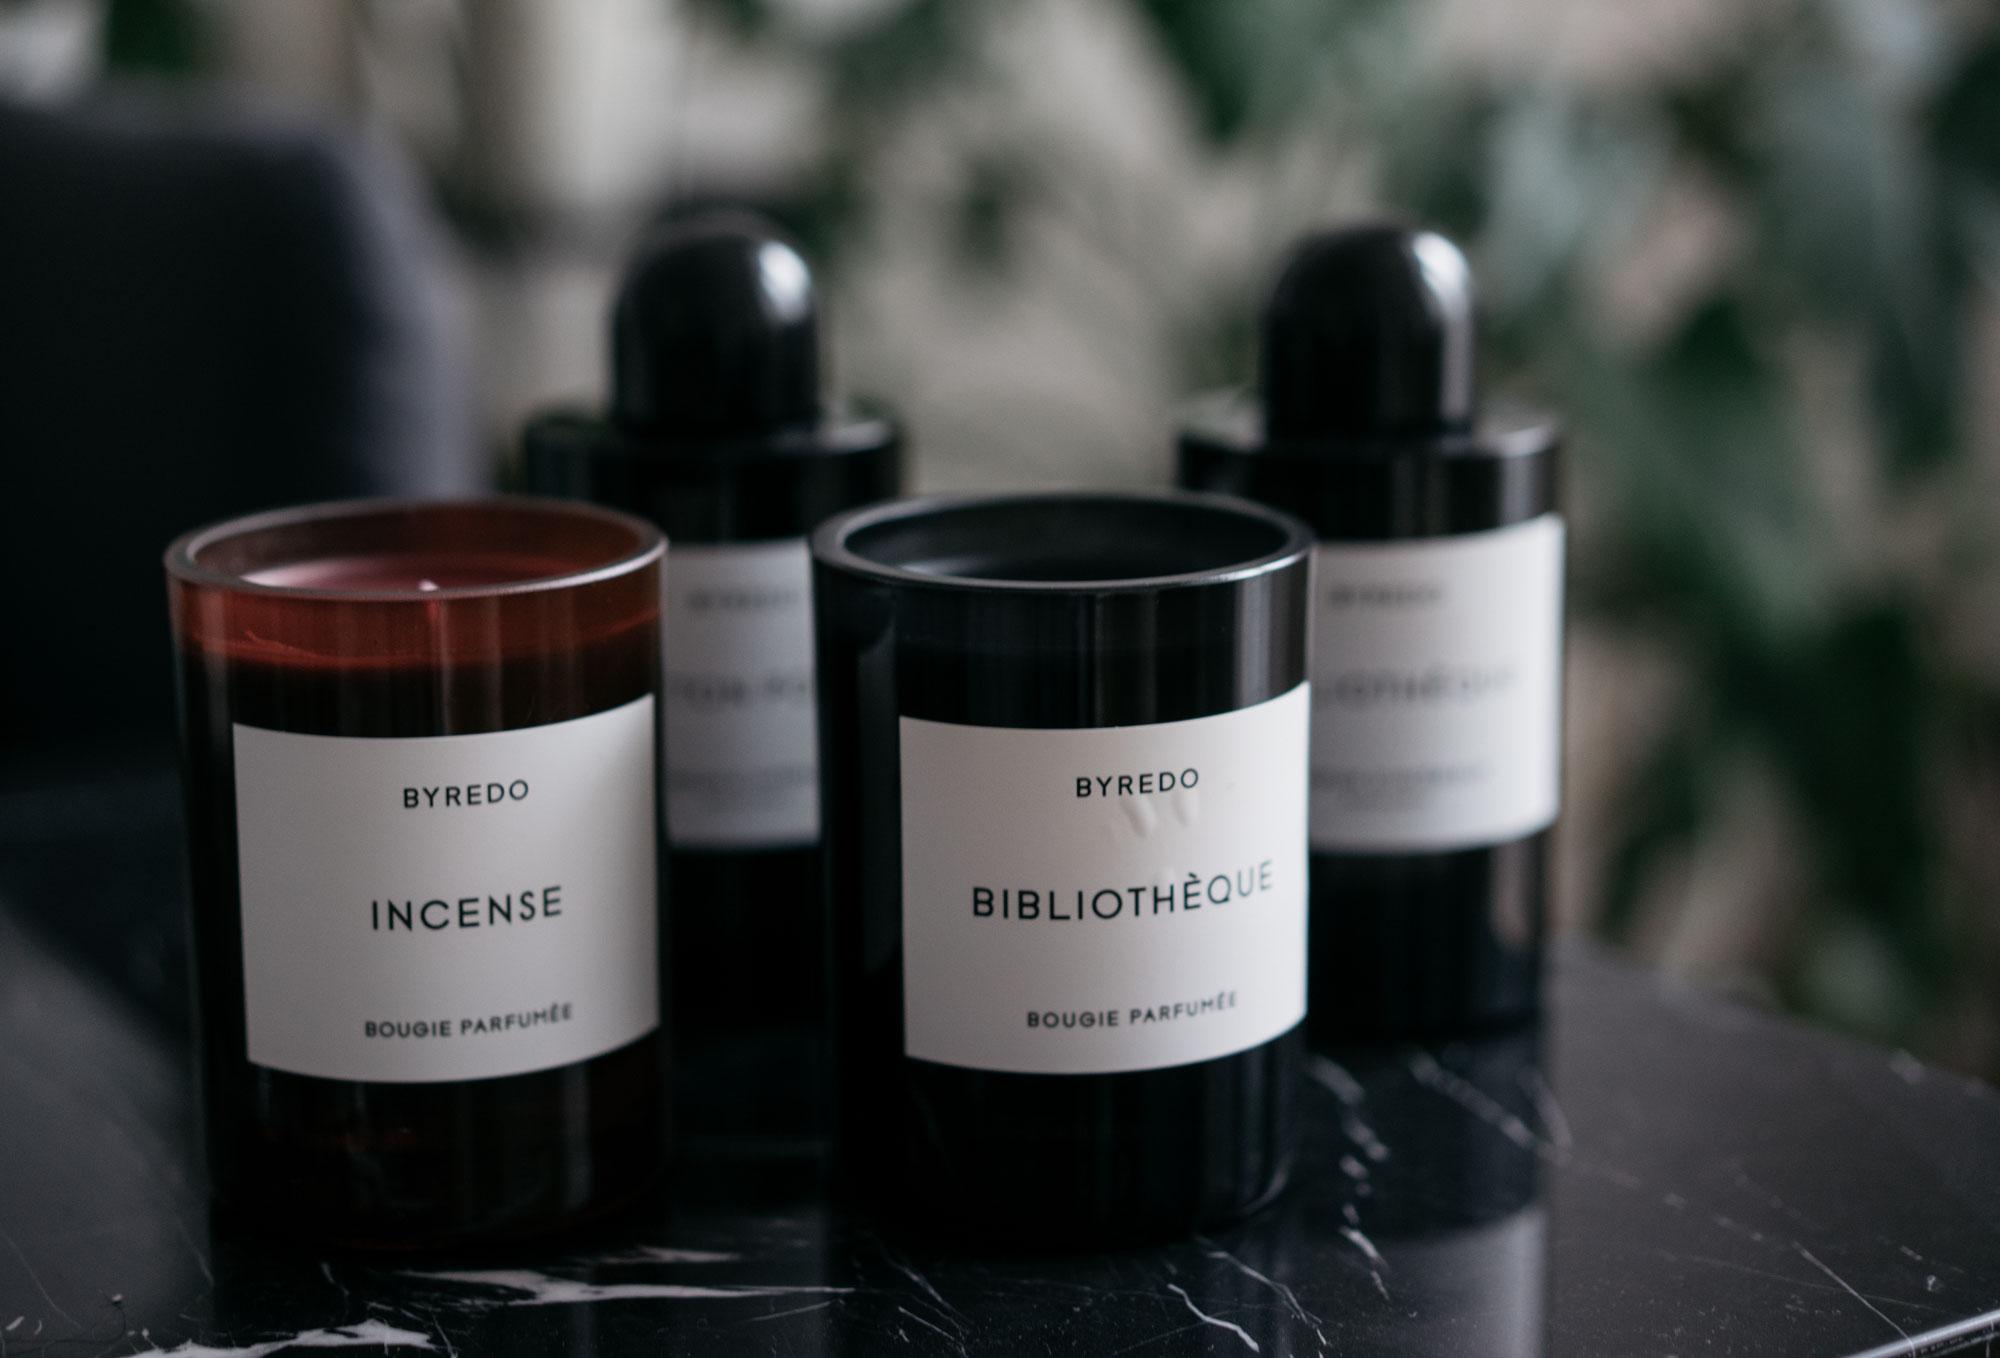 Byredo Duftkerze | Lieblingsprodukte einer Bloggerin | Beauty & Kosmetik | Testsieger | Empfehlung | Parfum